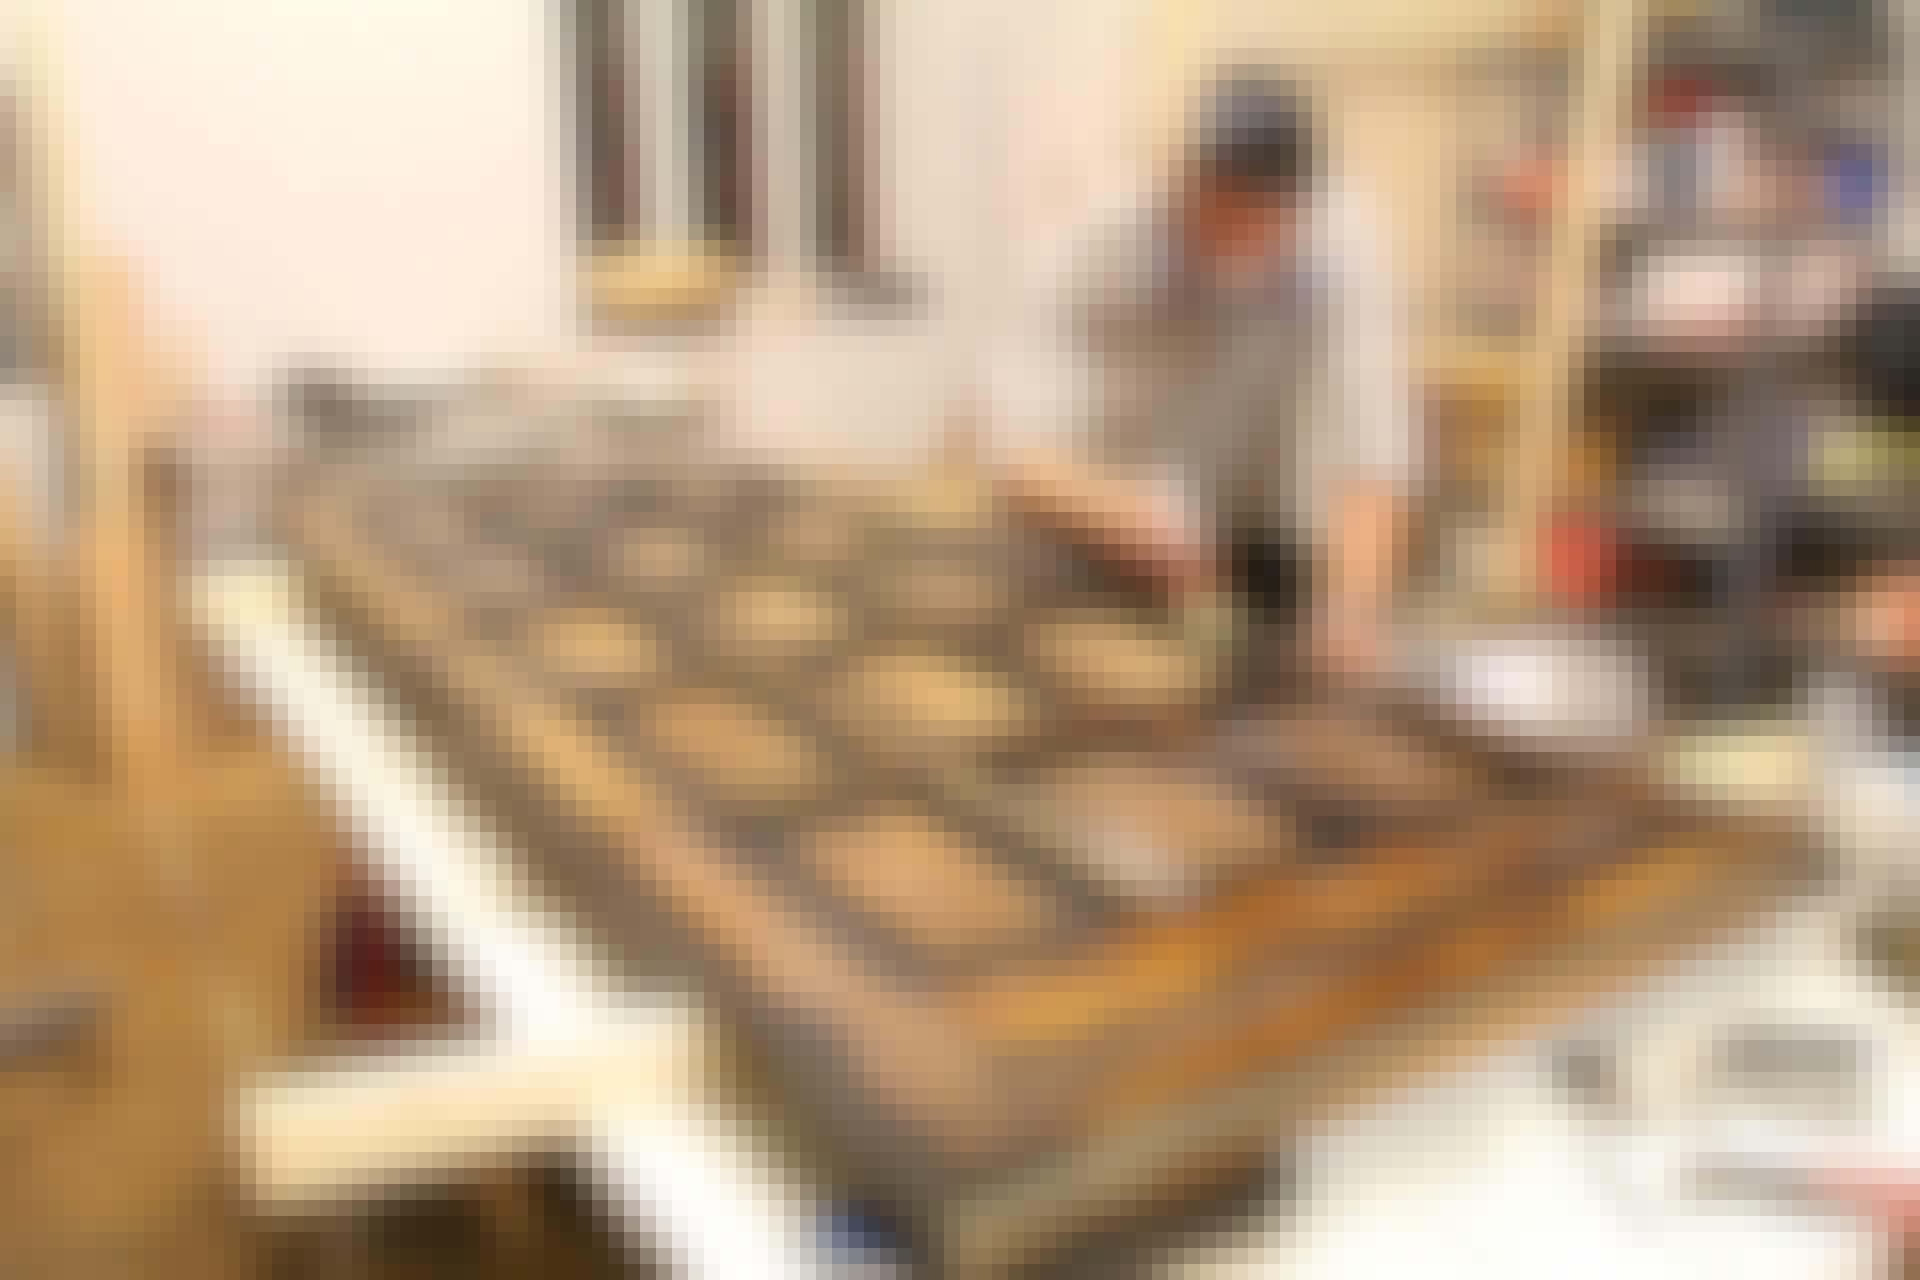 Ovi maalataan pohjamaalilla ennen pintamaalin levittä.